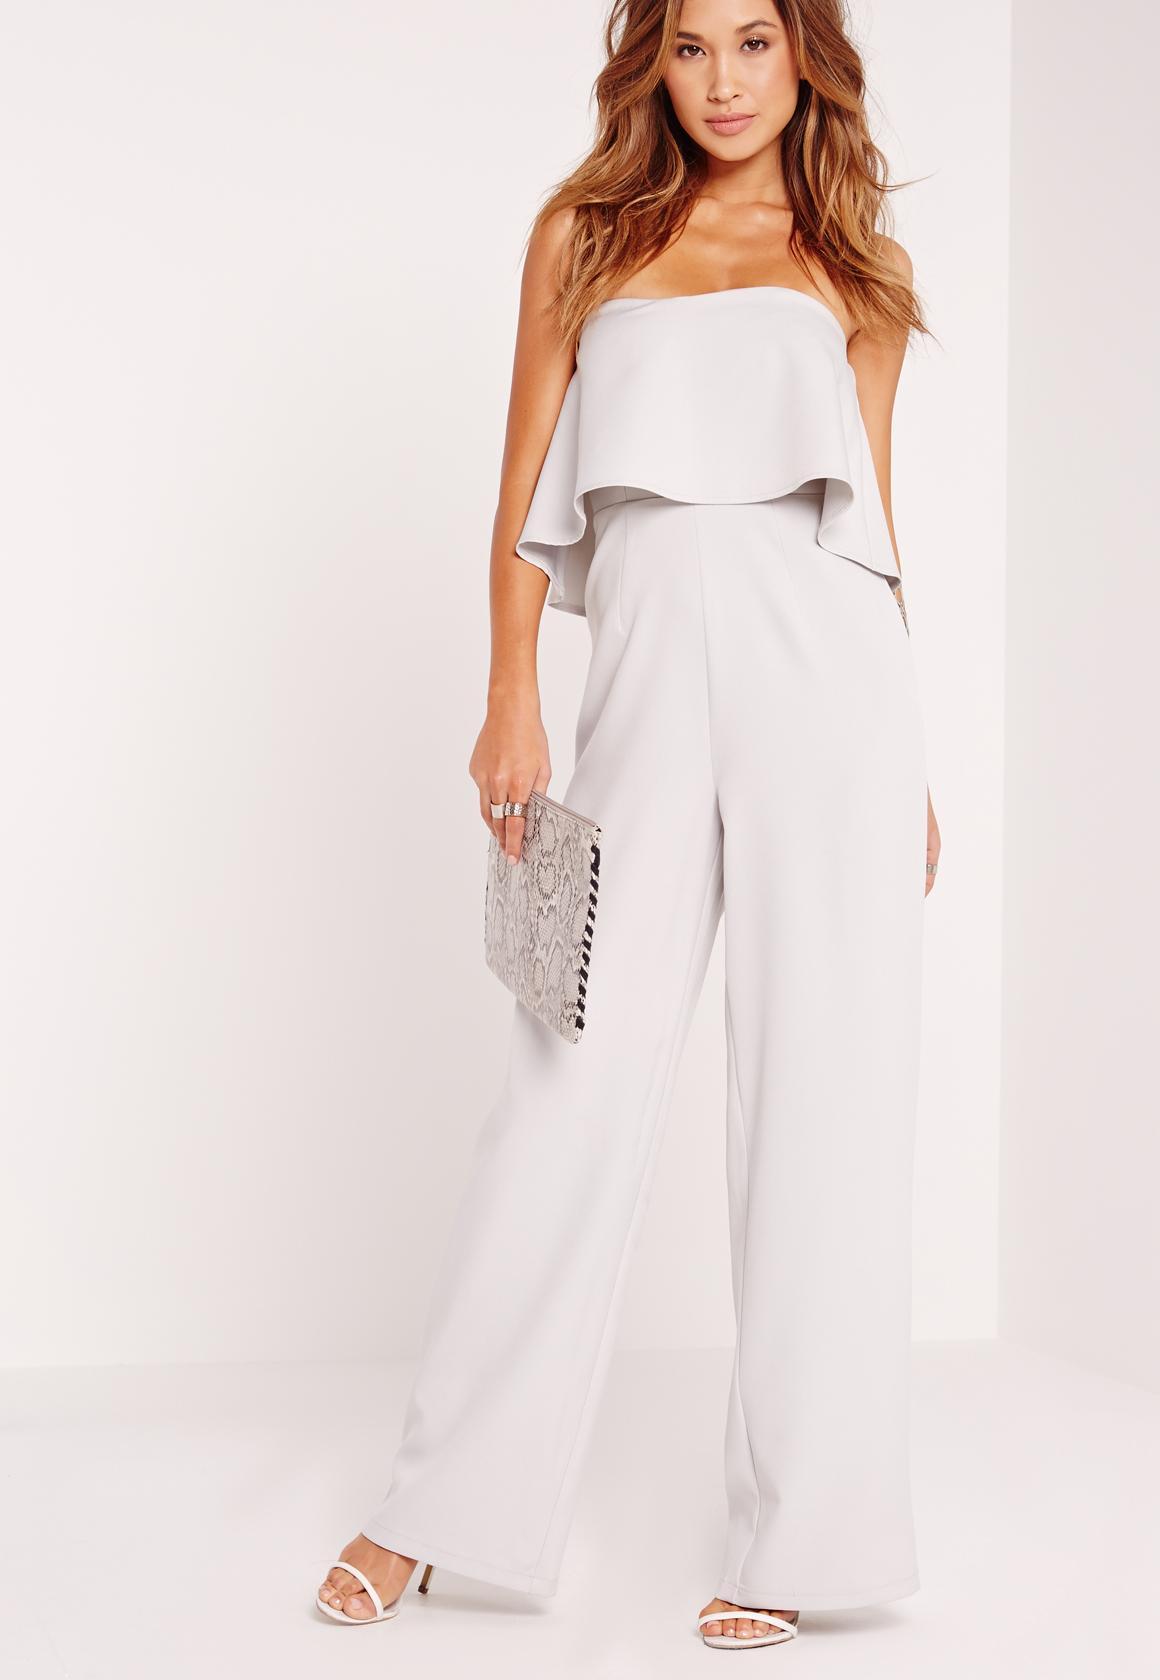 crepe frill wide leg jumpsuit grey bssjisd